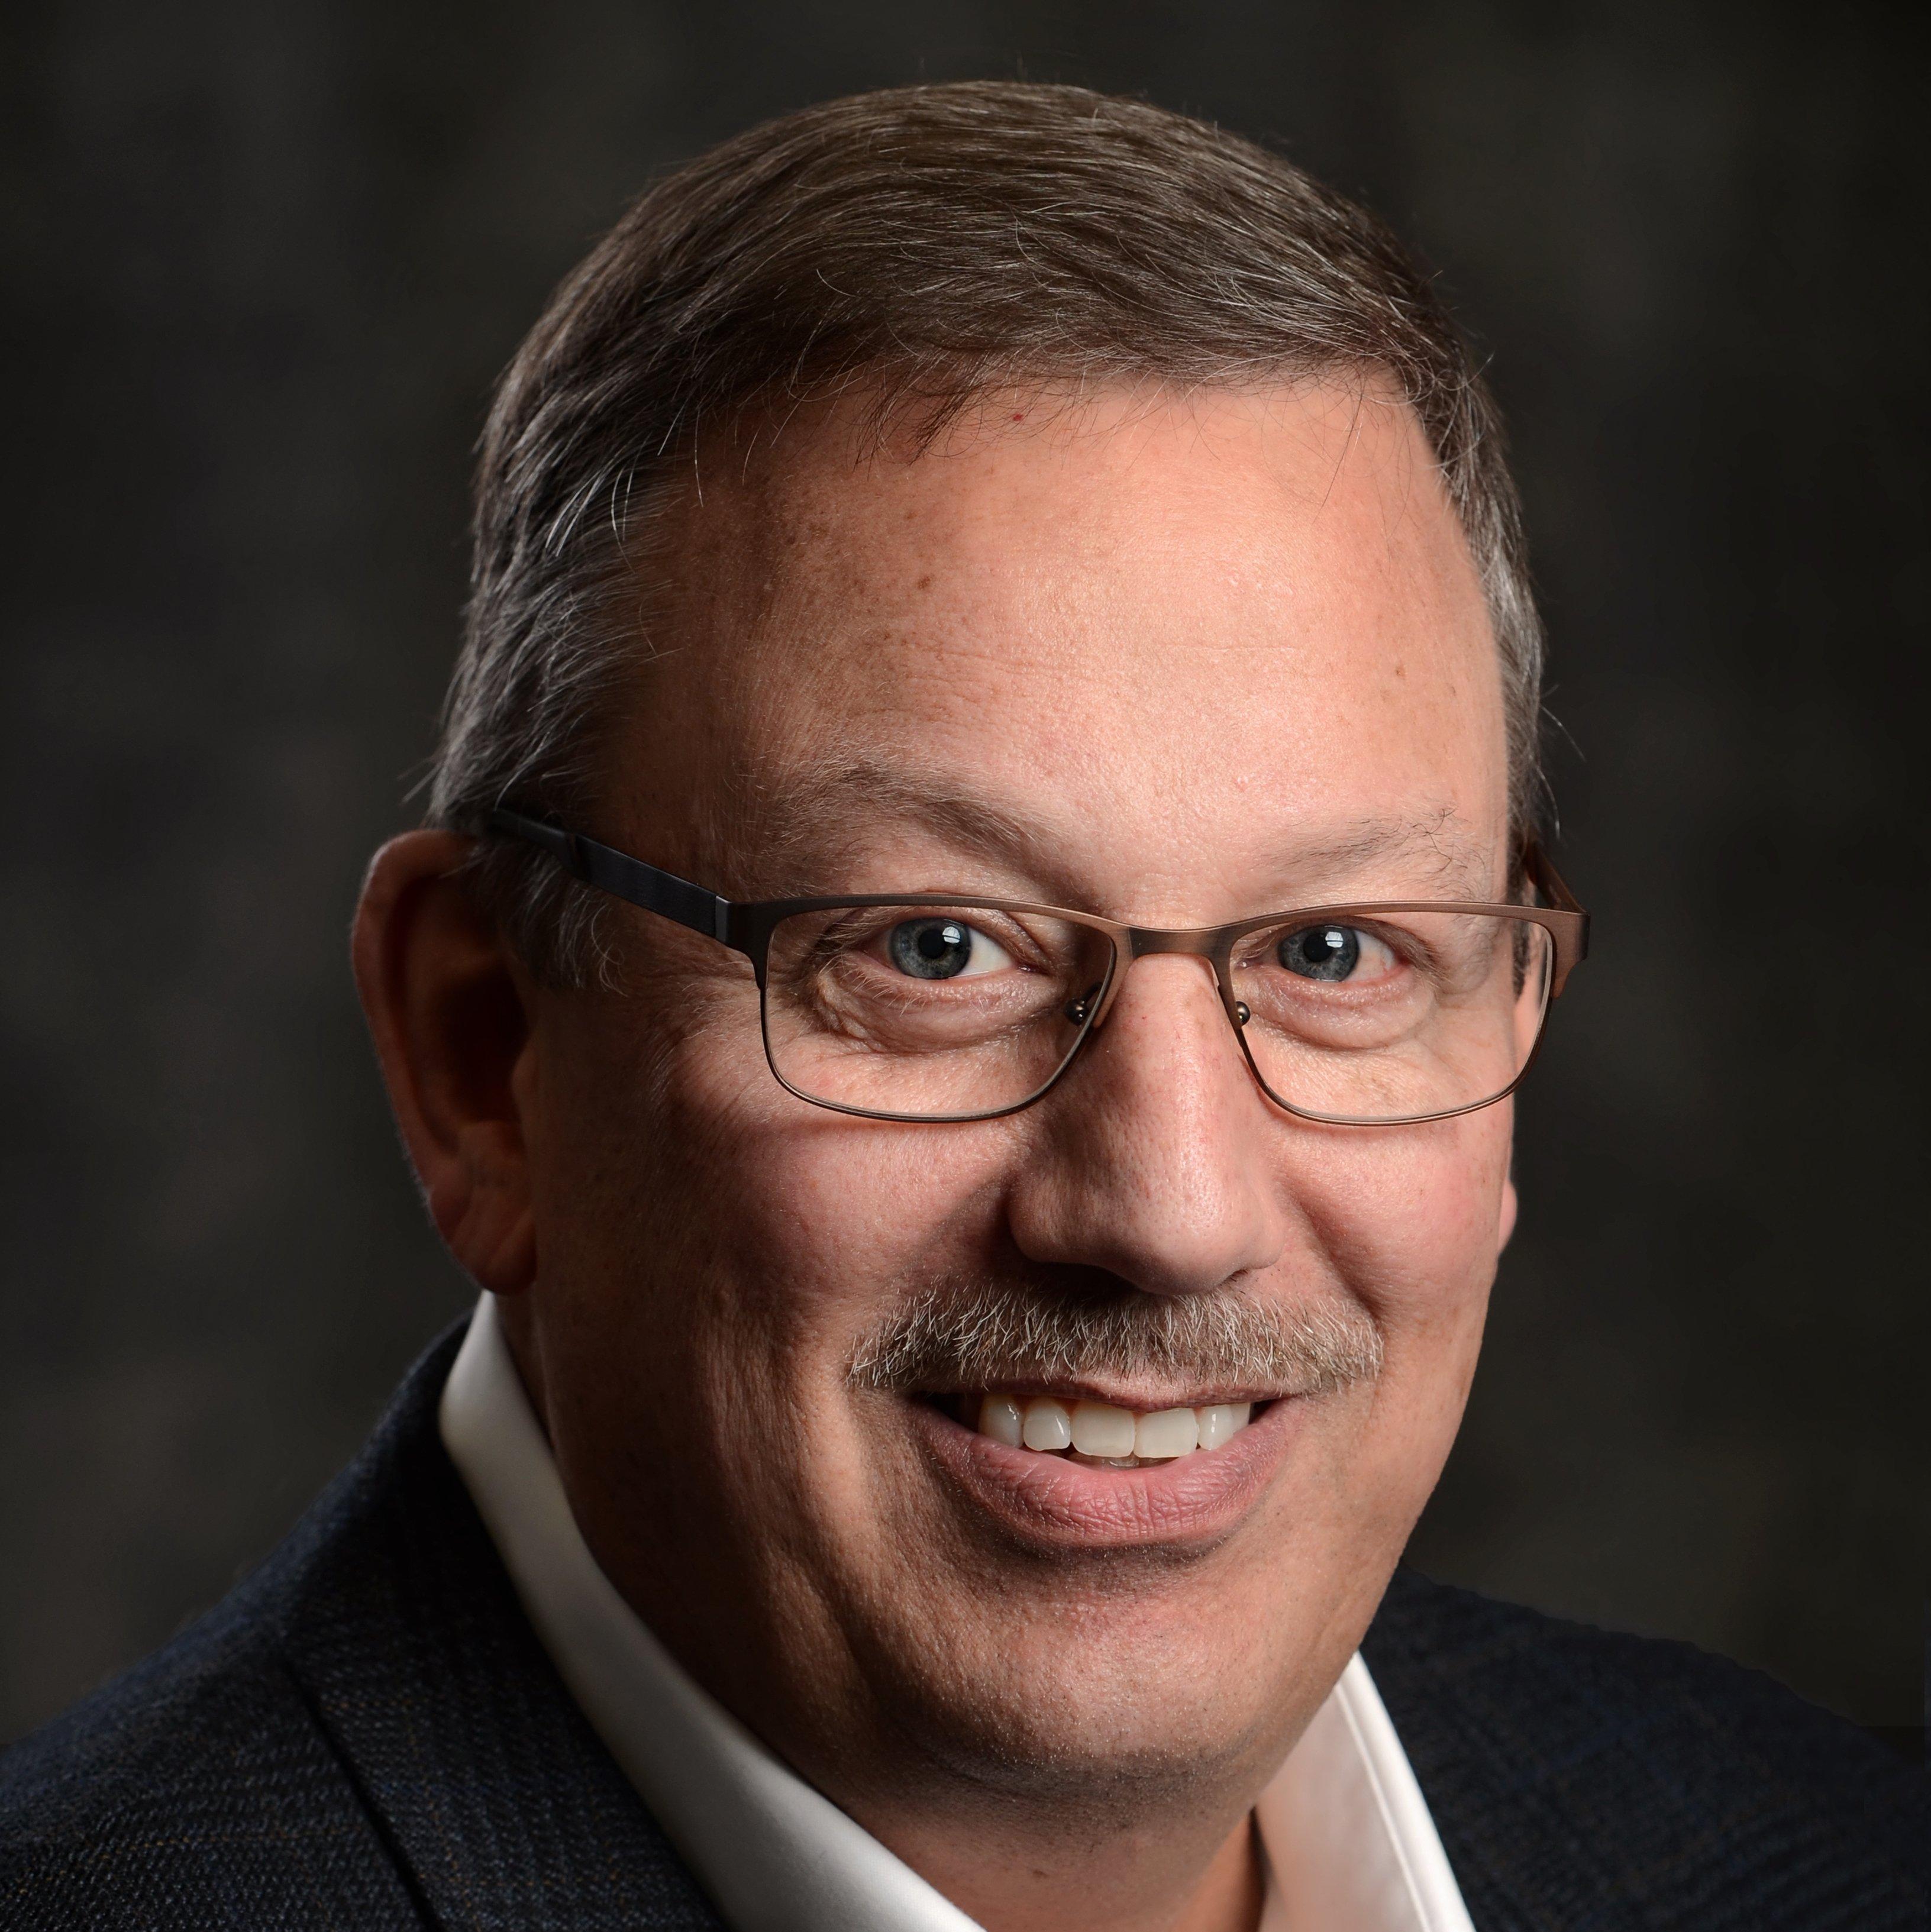 Dave Kotwitz